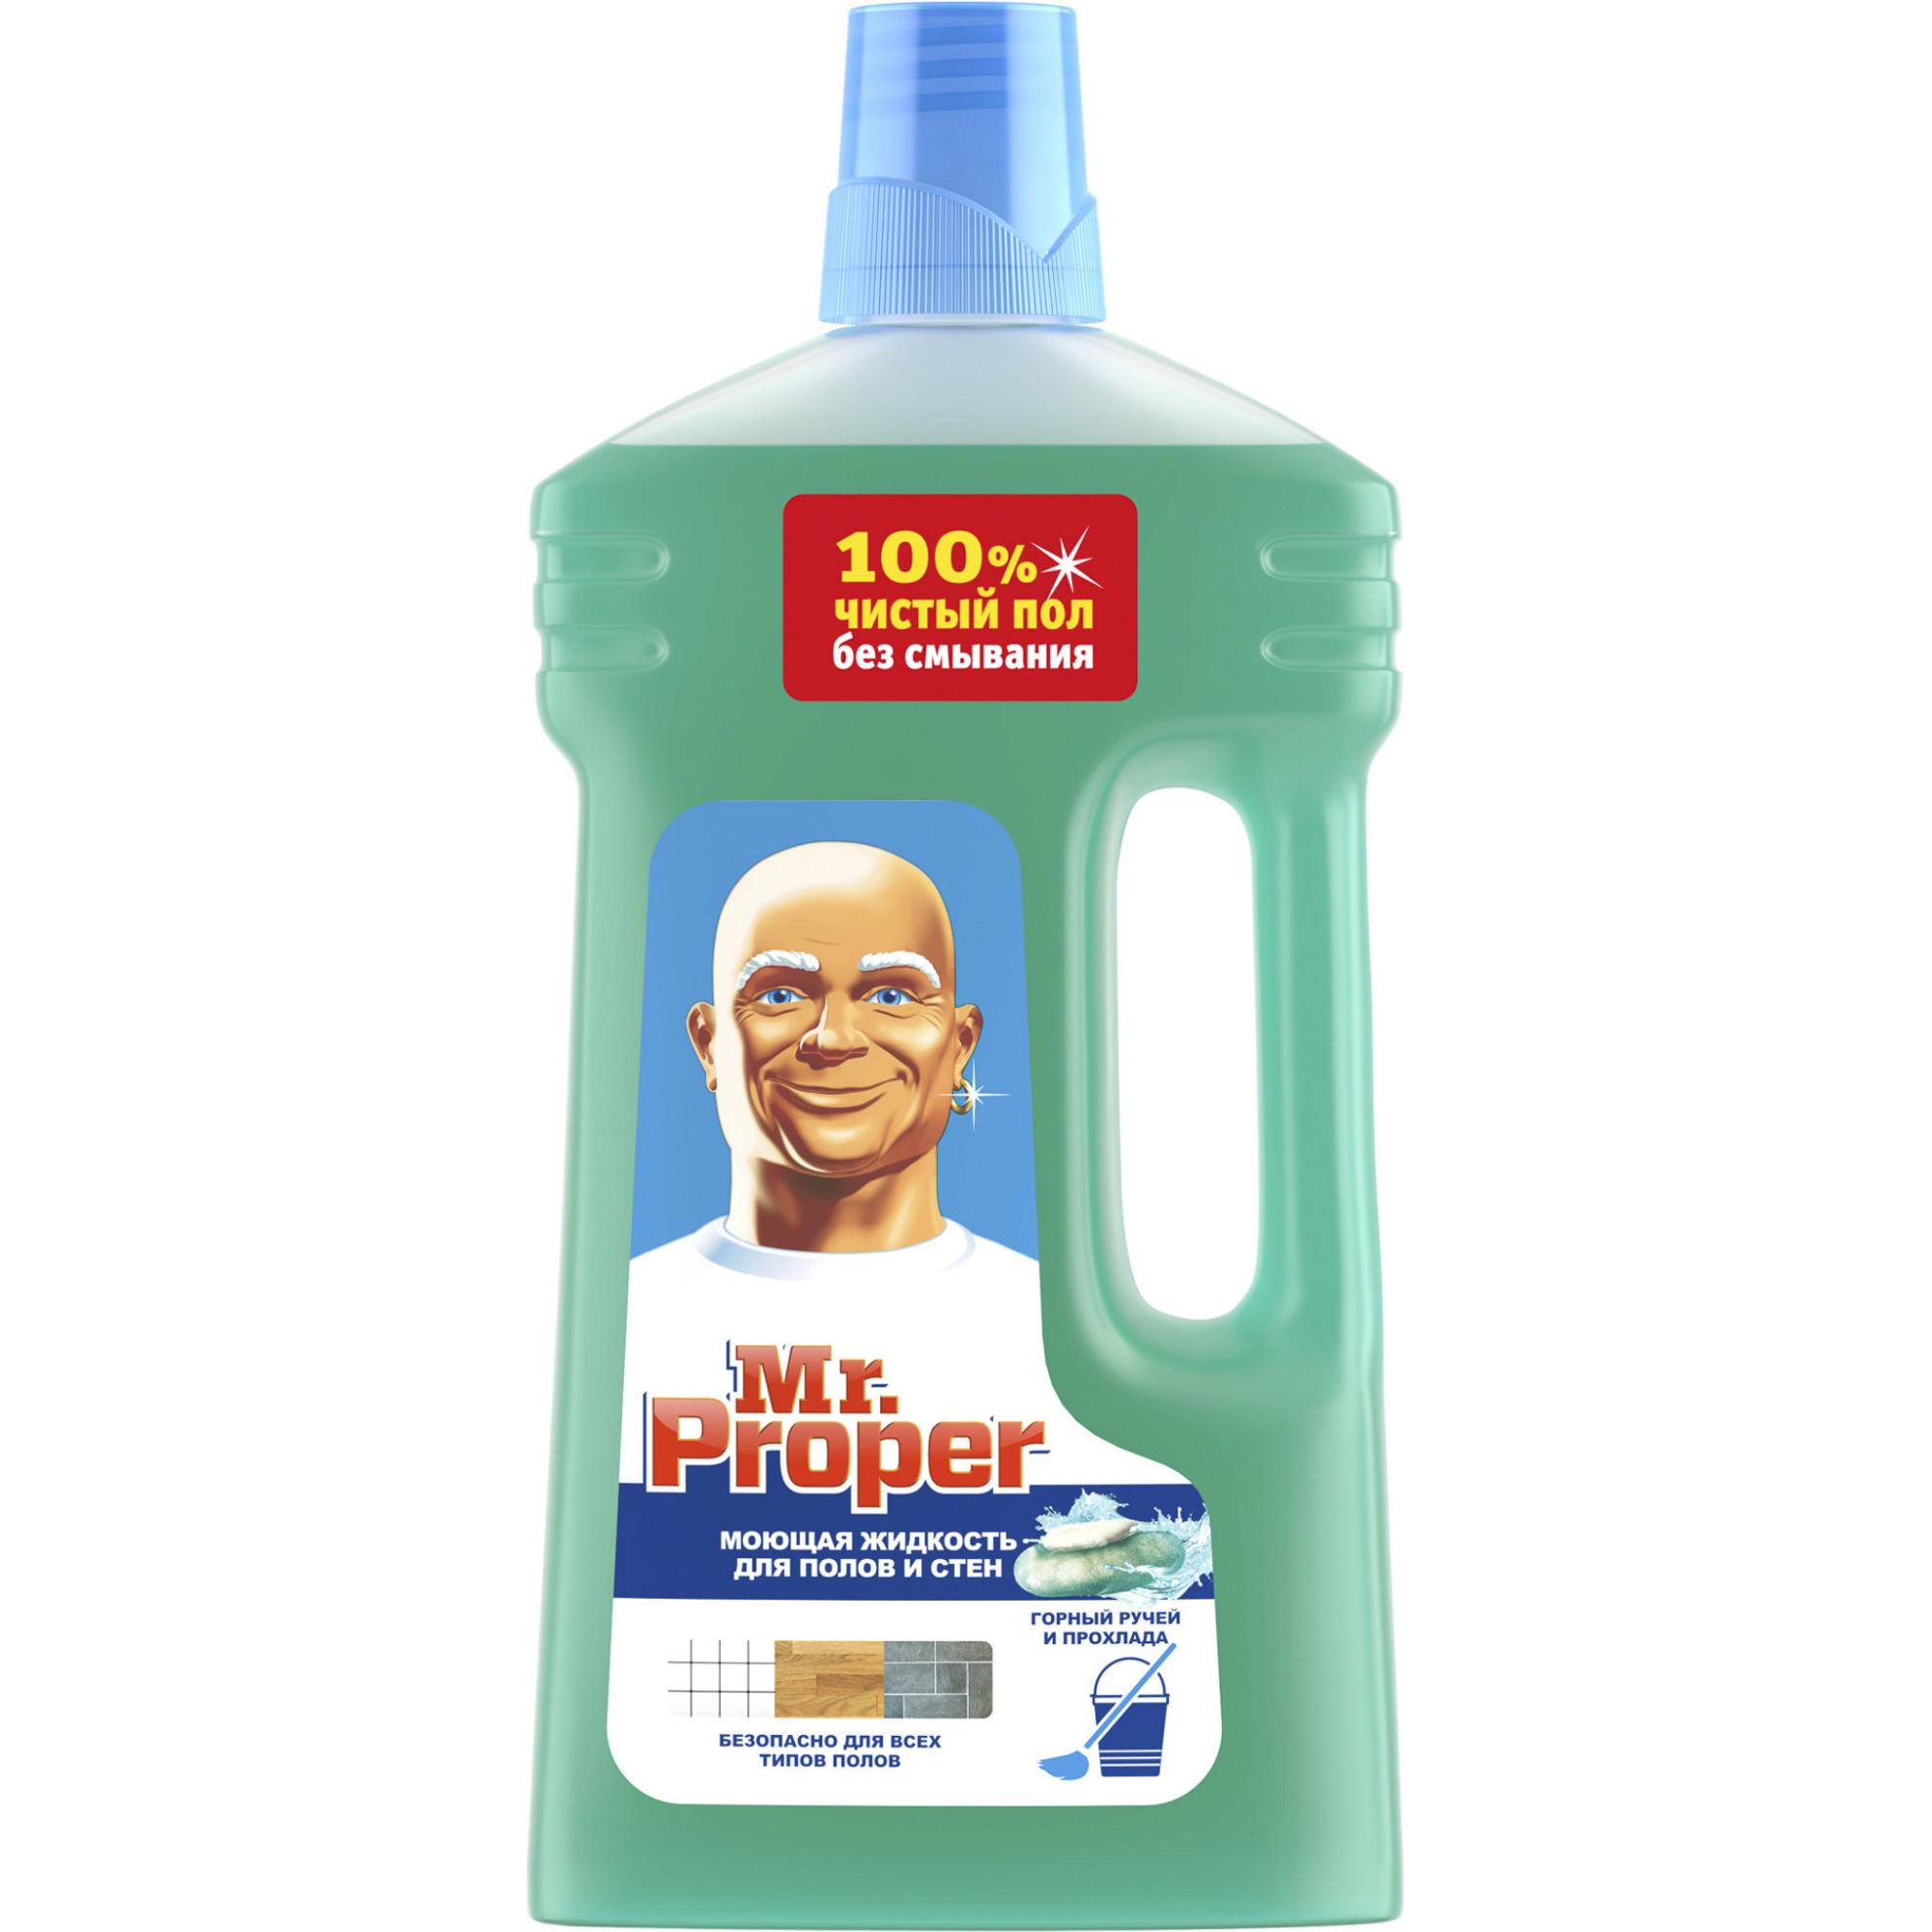 Купить Средство для мытья полов и стен Mr. Proper Горный ручей и прохлада 1 л, моющее средство, Россия